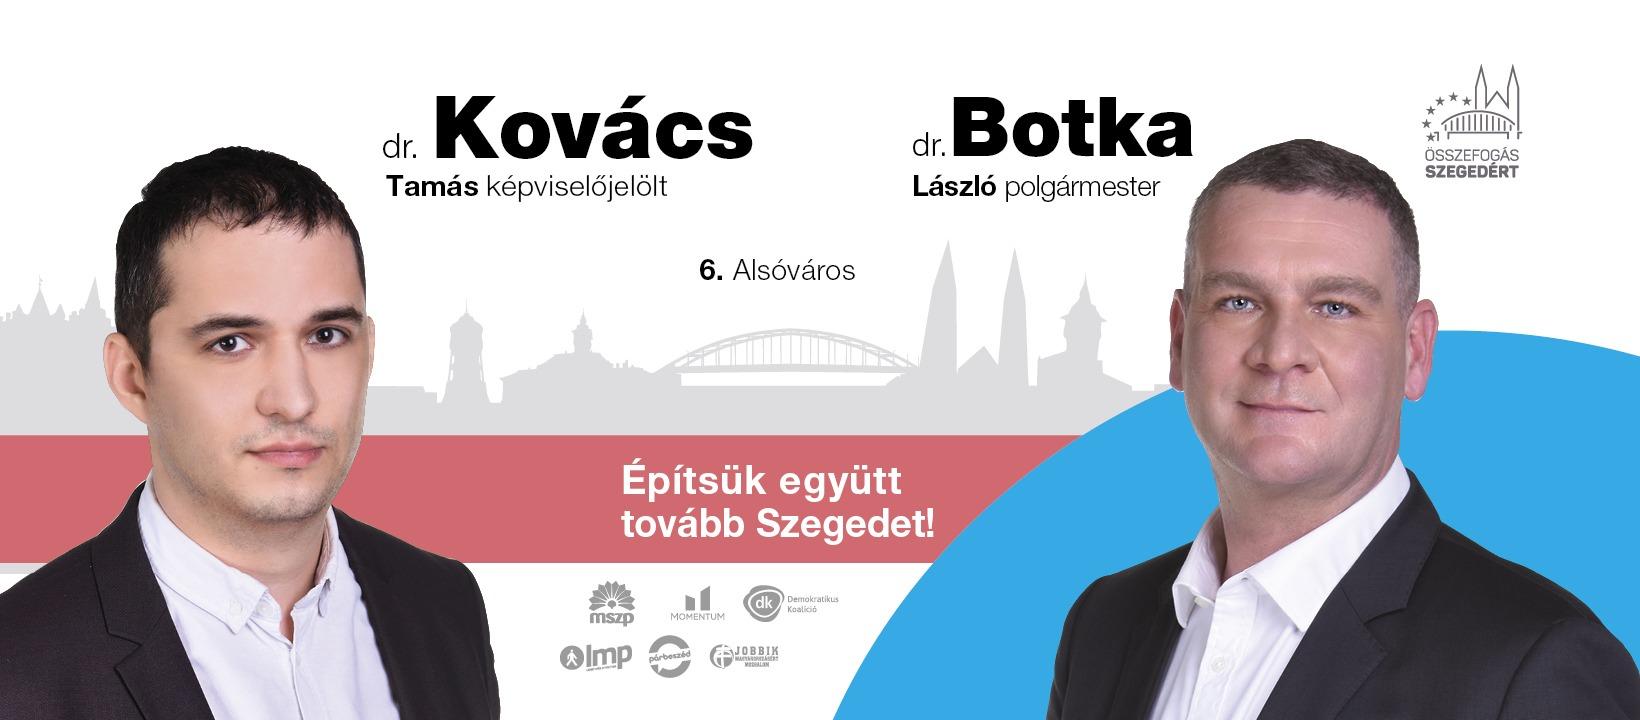 dr. Kovács Tamás